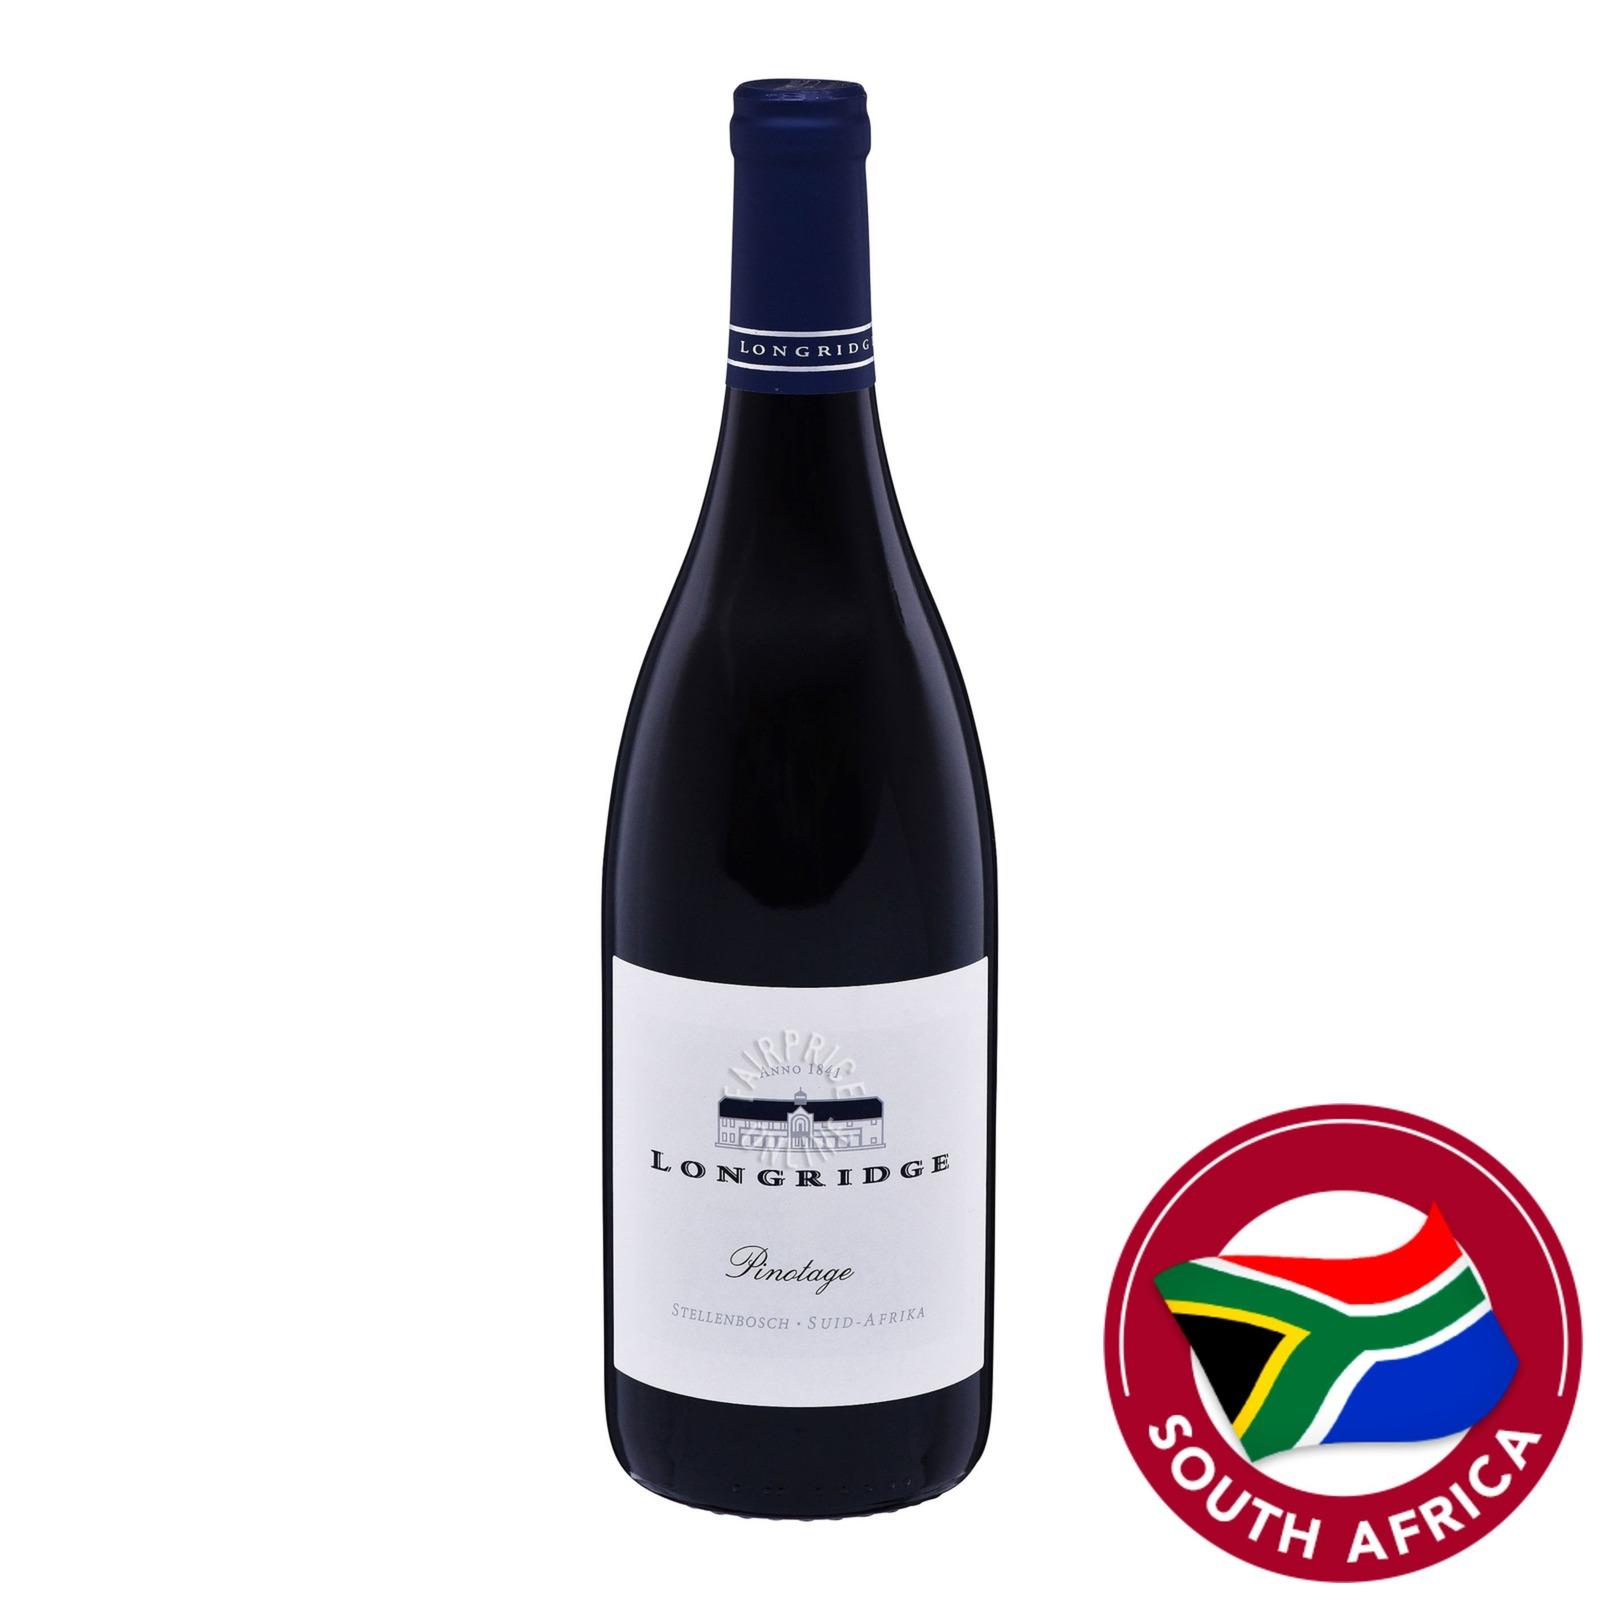 Longridge Red Wine - Pinotage